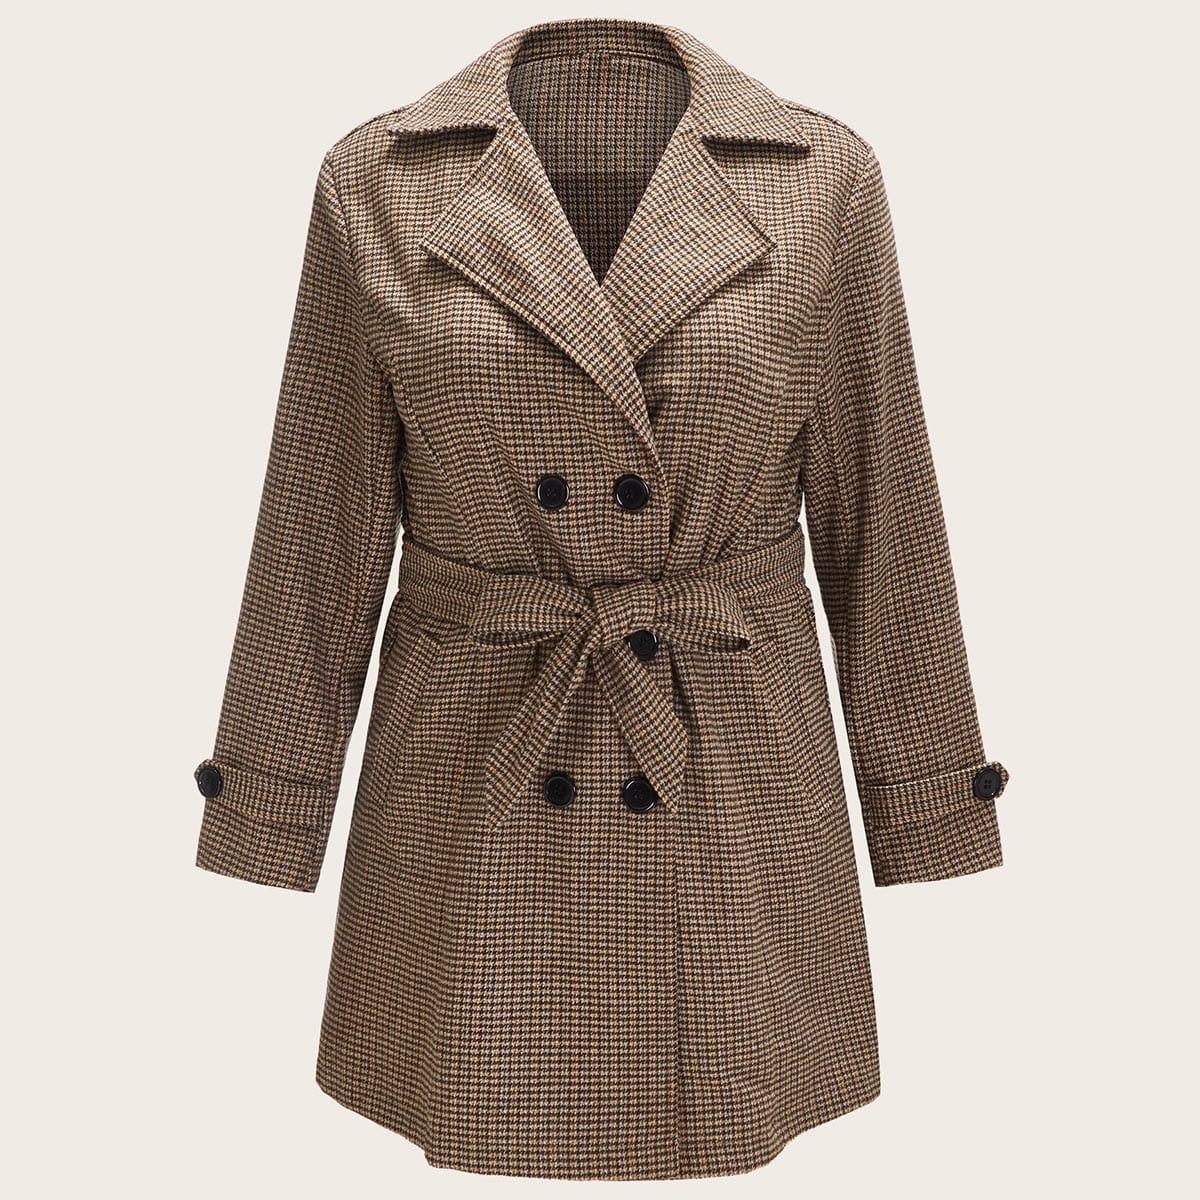 SHEIN / Mantel in Übergröße mit Karo Muster und Selbstband